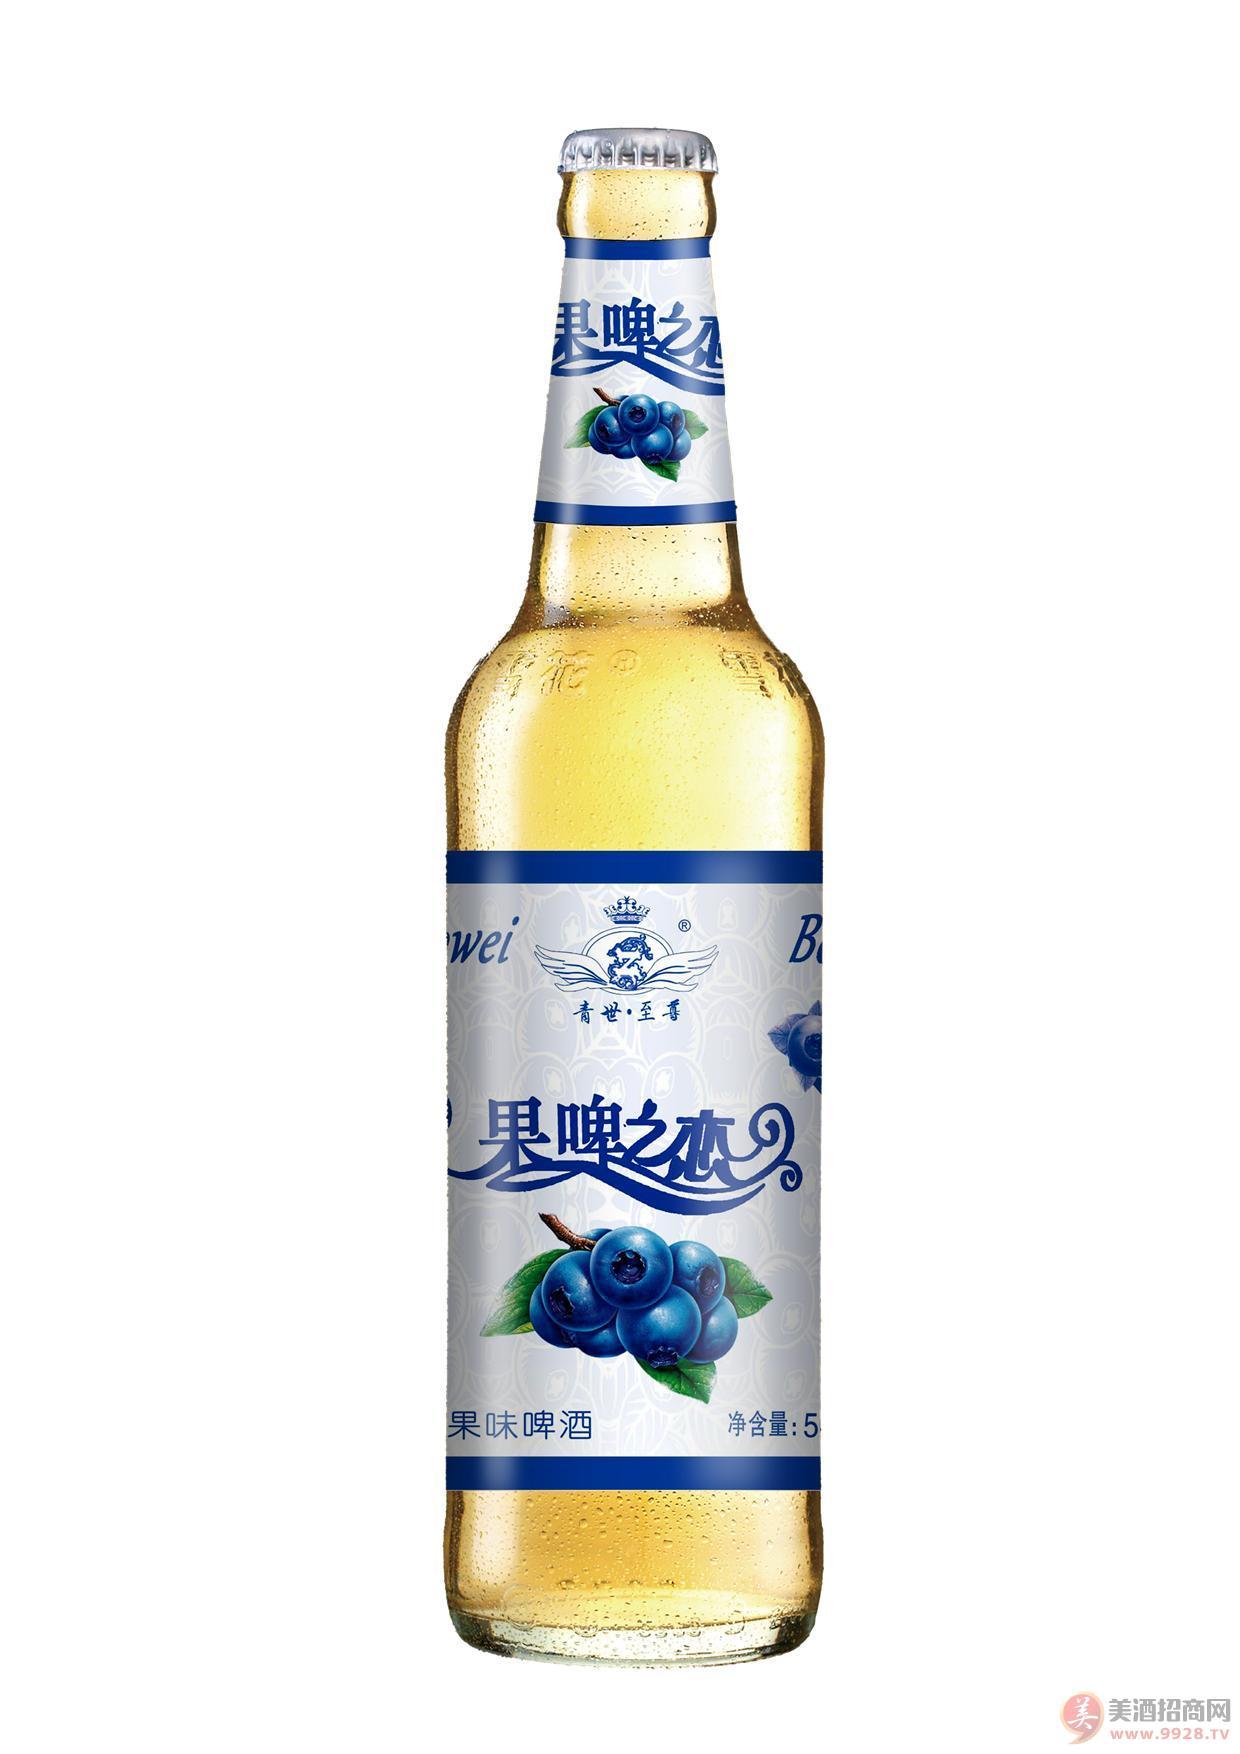 优质果啤|菠萝啤|夏日水果啤酒饮料诚招各地区县级代理商